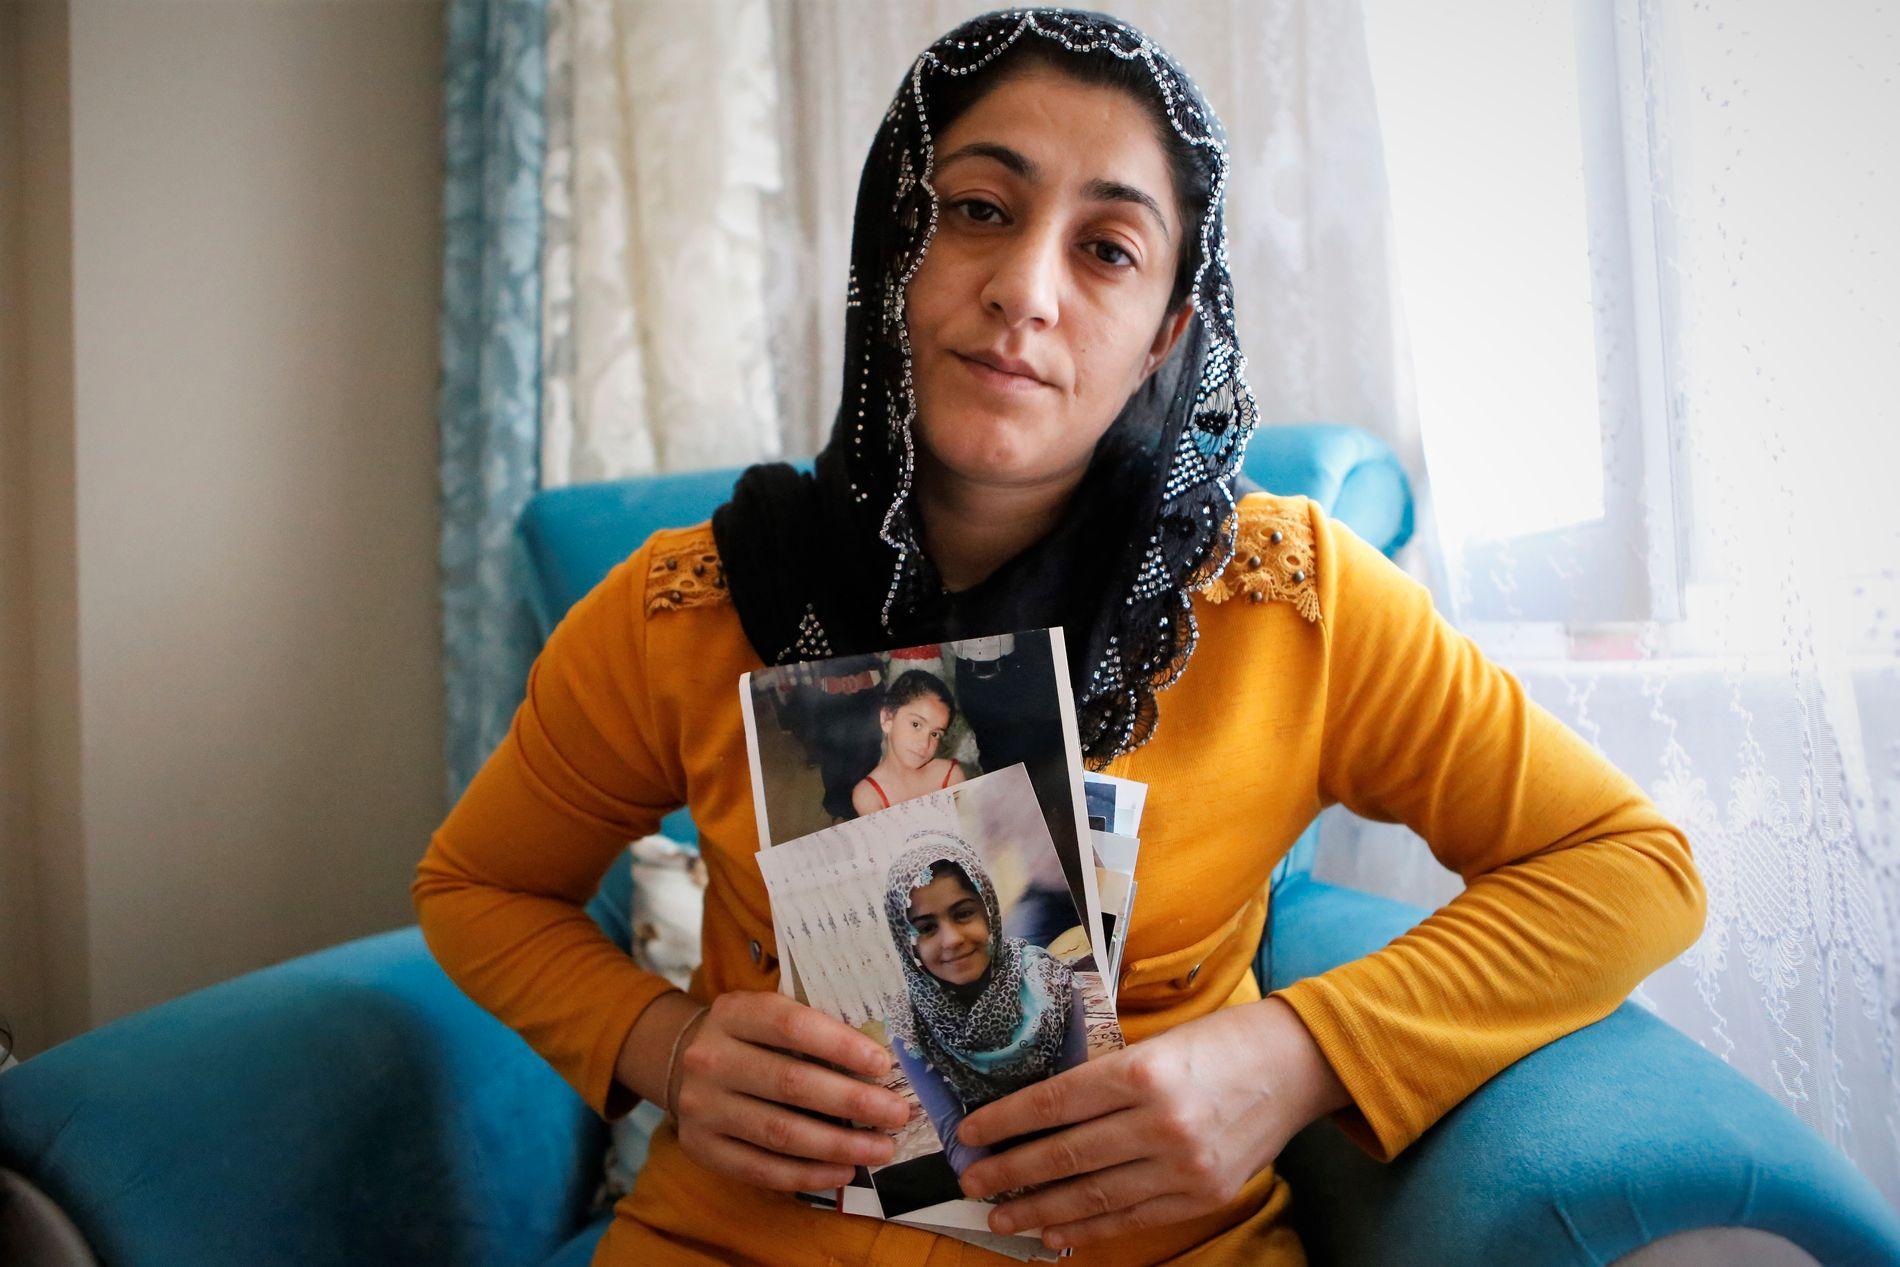 MORS SORG: Nazmiye Sen holder bildene av sin avdøde datter Helin tett inntil brystet. Over to år etter at hun ble revet bort fra familien, føles hver dag som tortur, sier hun.